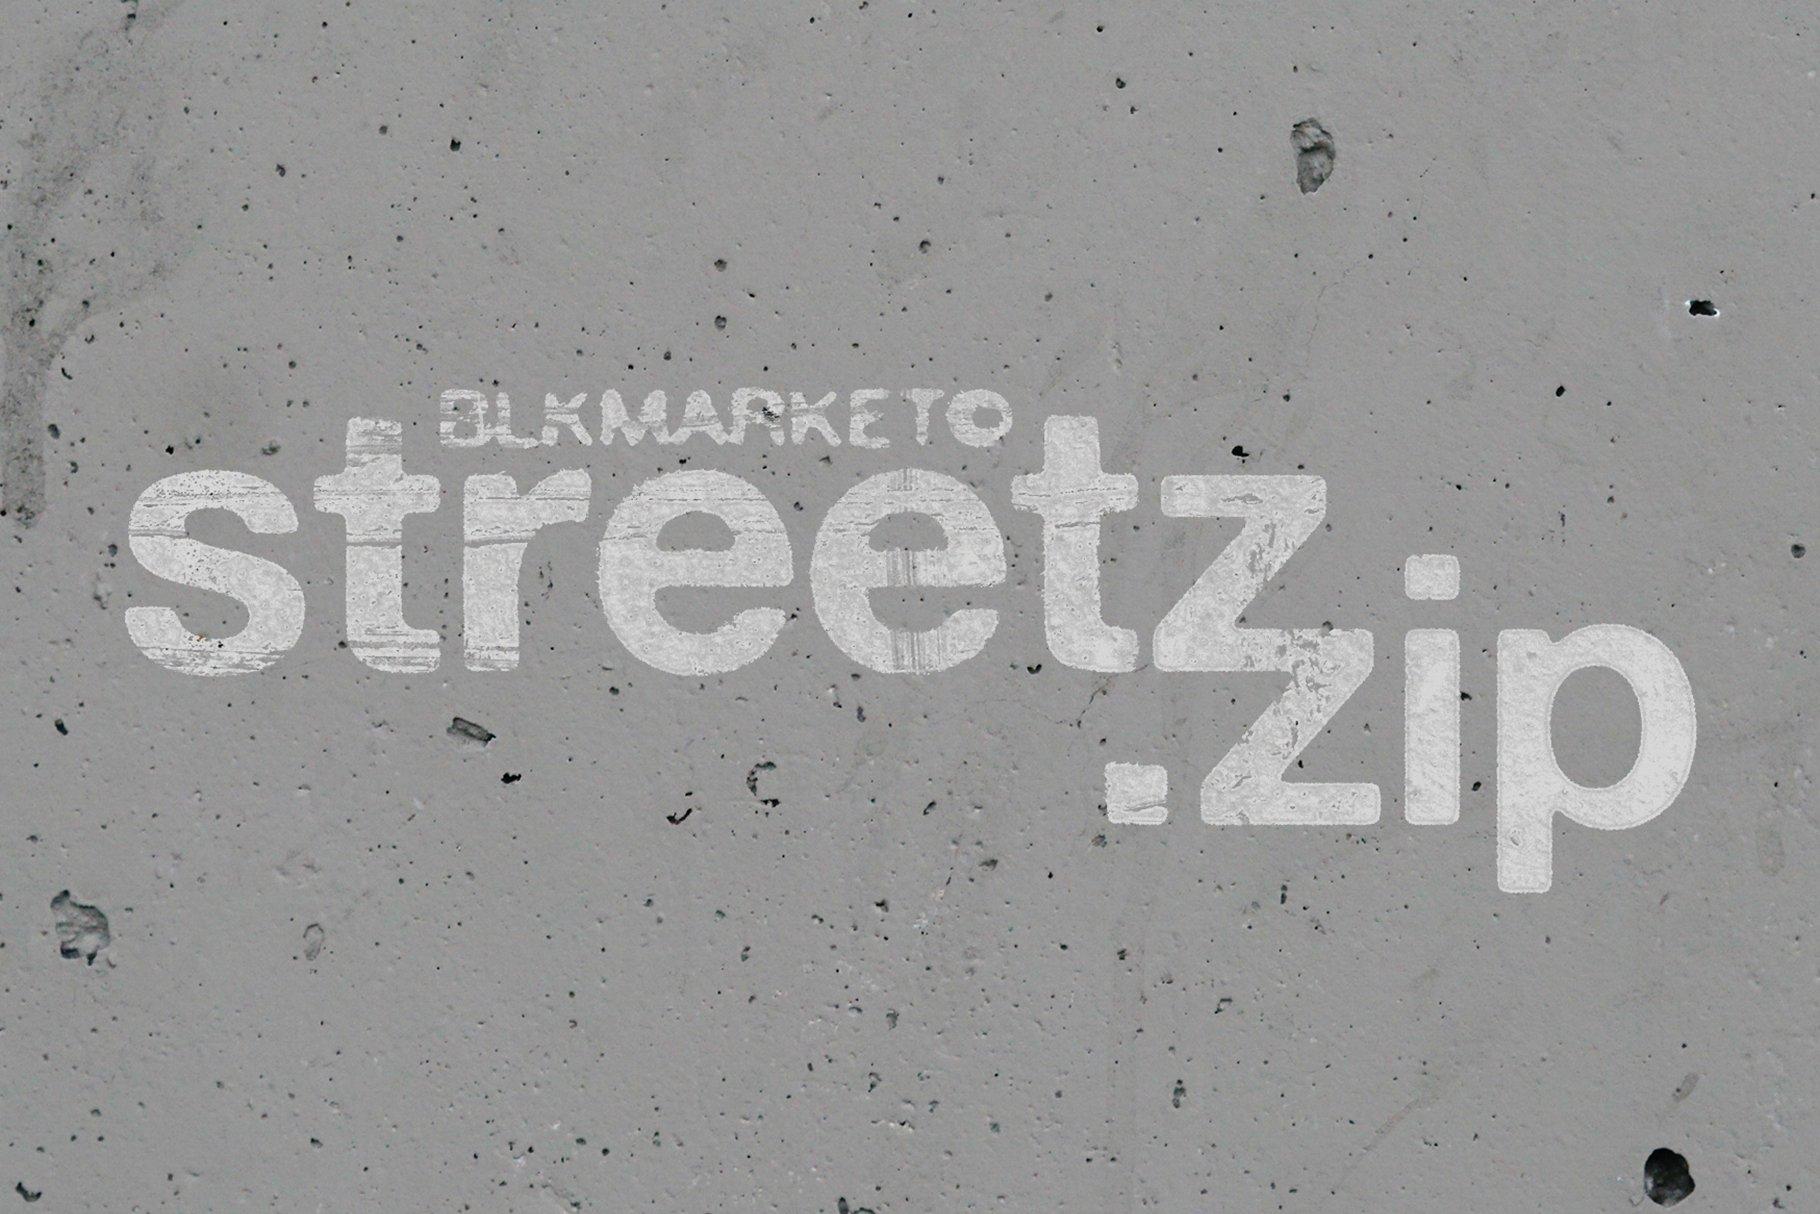 280多款高清锈迹划痕破裂污渍混凝土城市摄影图片背景素材 280 Urban Textures插图(6)